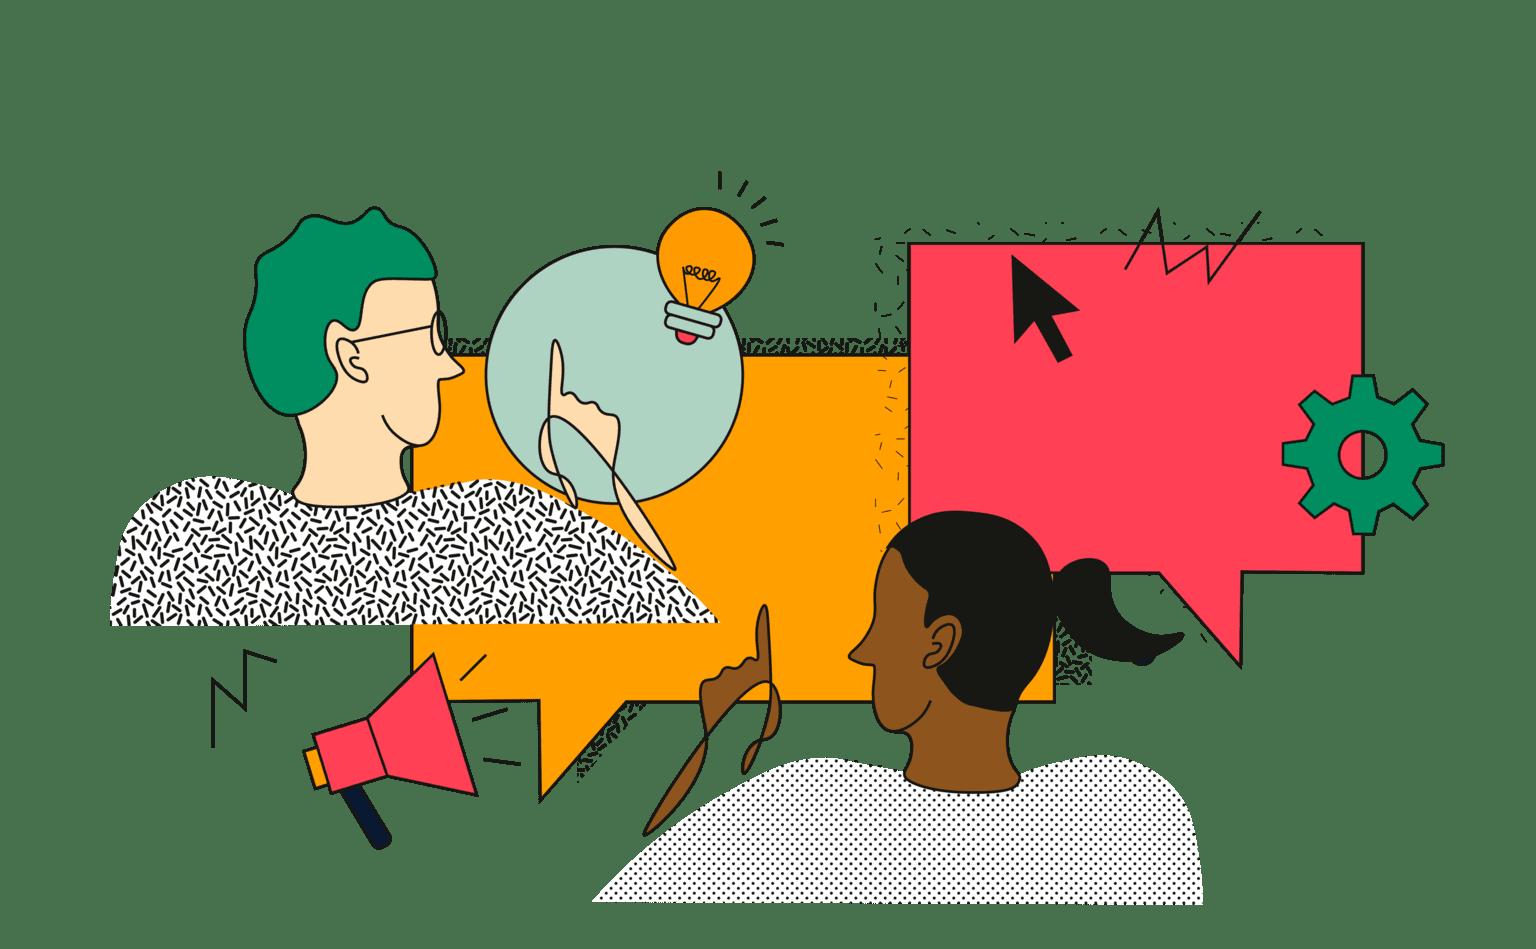 TharGo illustration abstraite montrant un homme et une femme qui réfléchissent